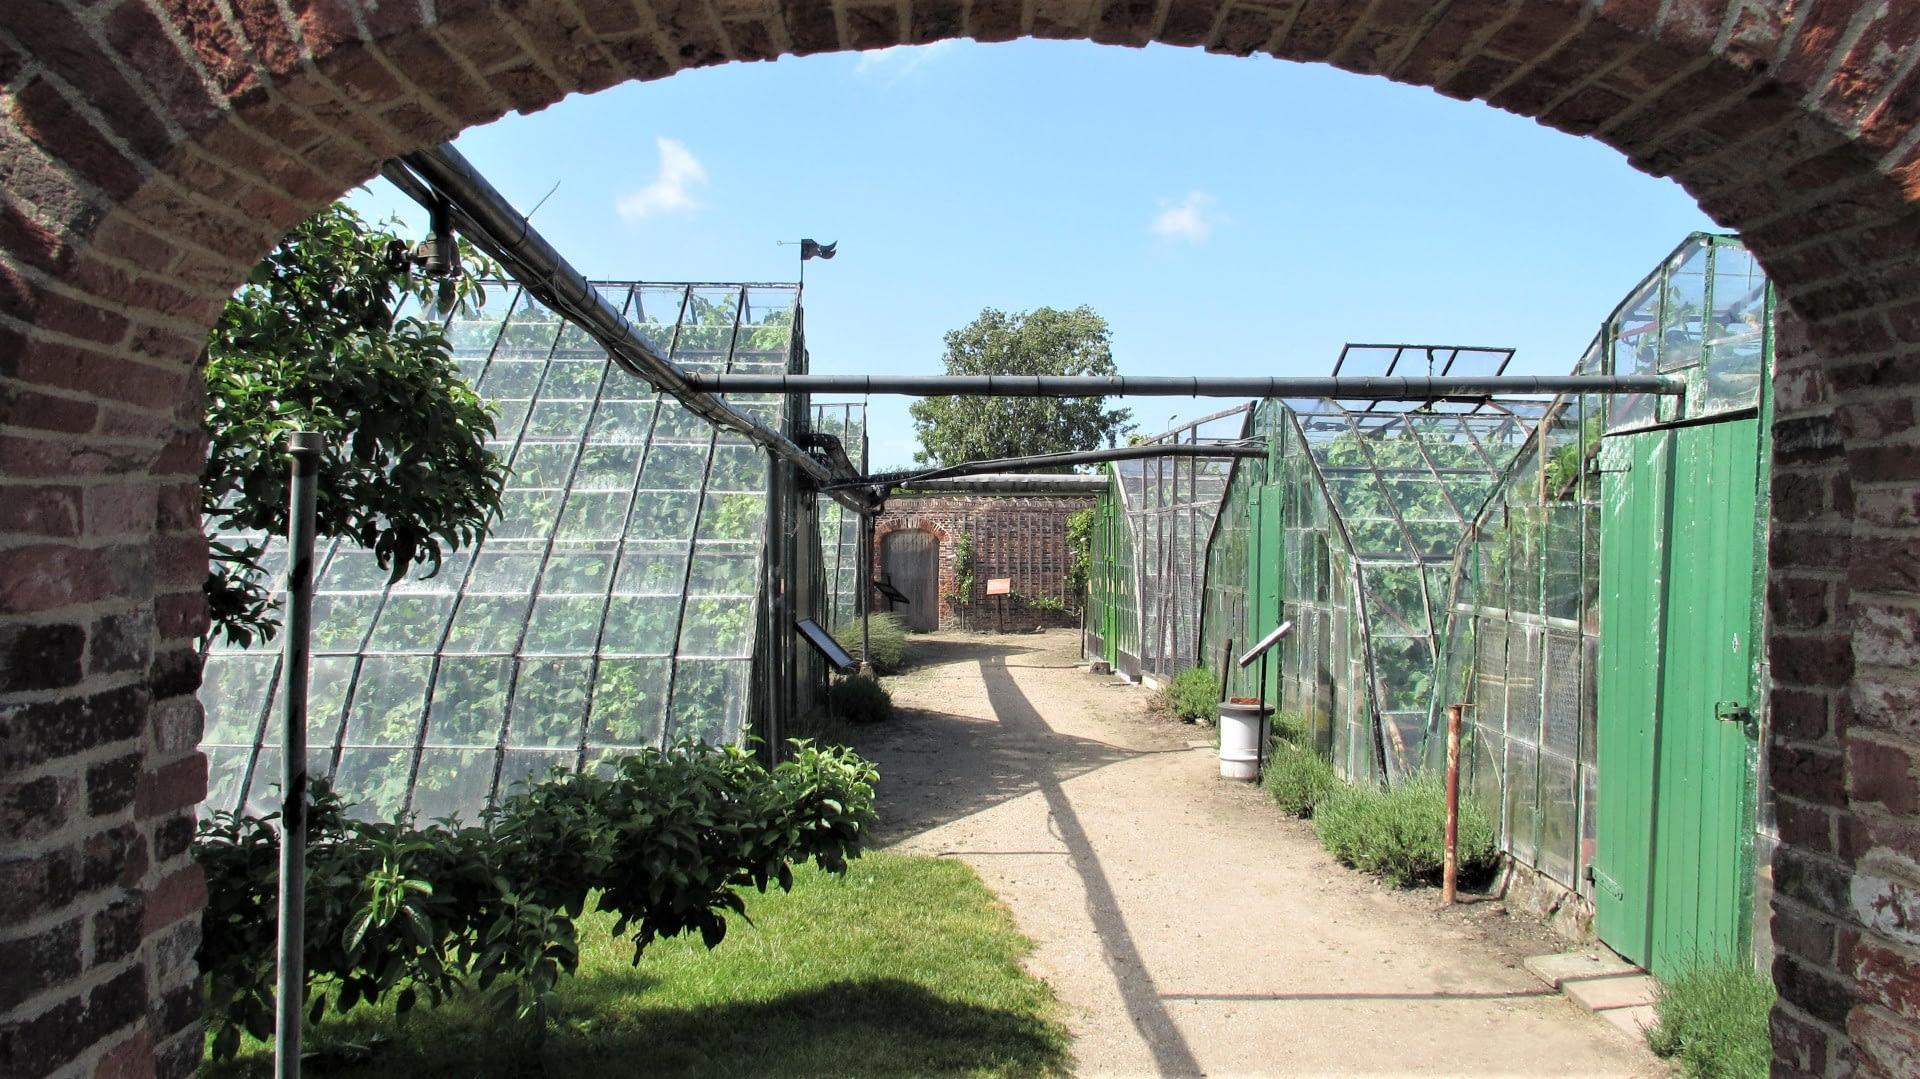 doorkijkje door een stenen poort op oude druivenkassen met groene deuren bij Historische Druivenkwekerij Sonnehoeck in het Westland